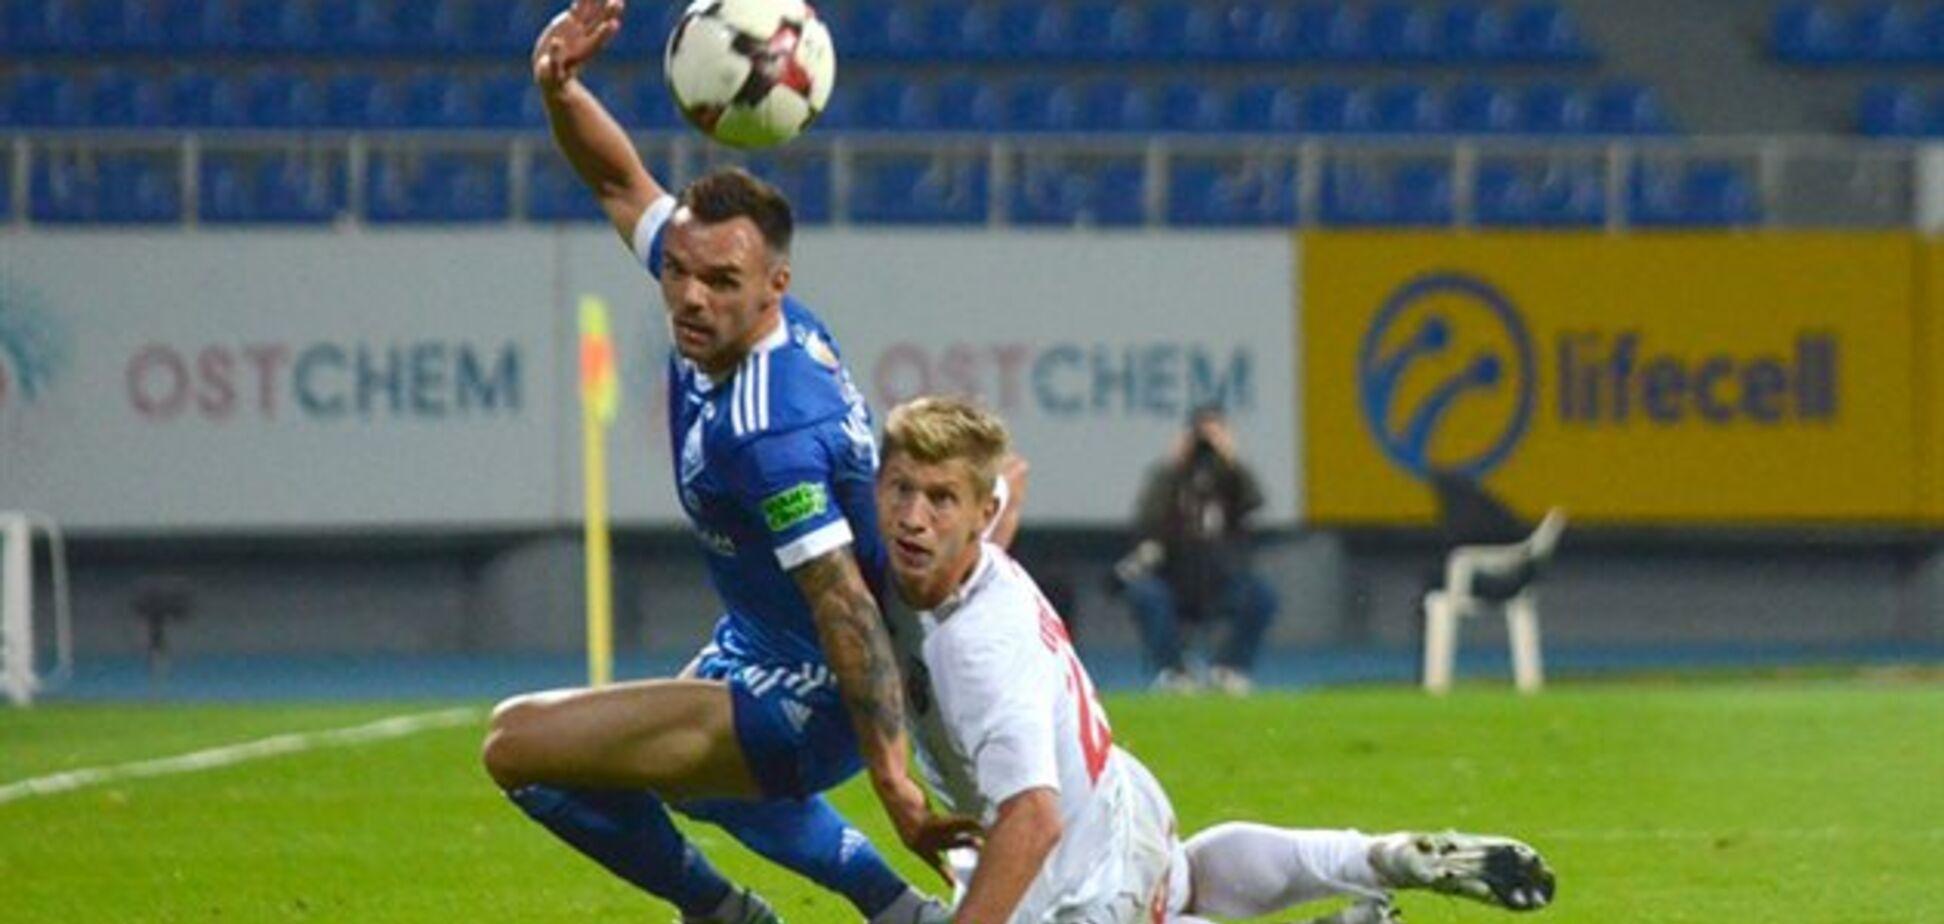 СМИ: два украинских клуба Премьер-лиги ликвидируют